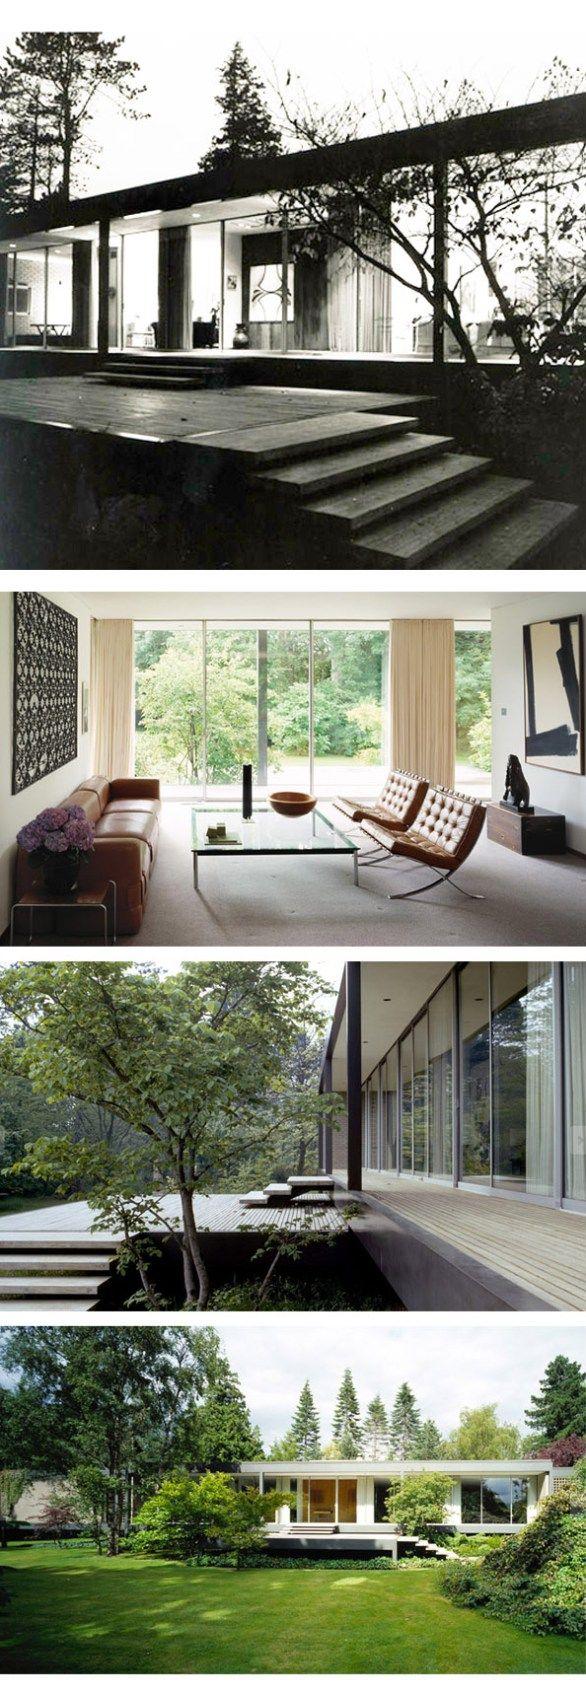 Les 5167 meilleures images du tableau architecture sur for Kodasema maison